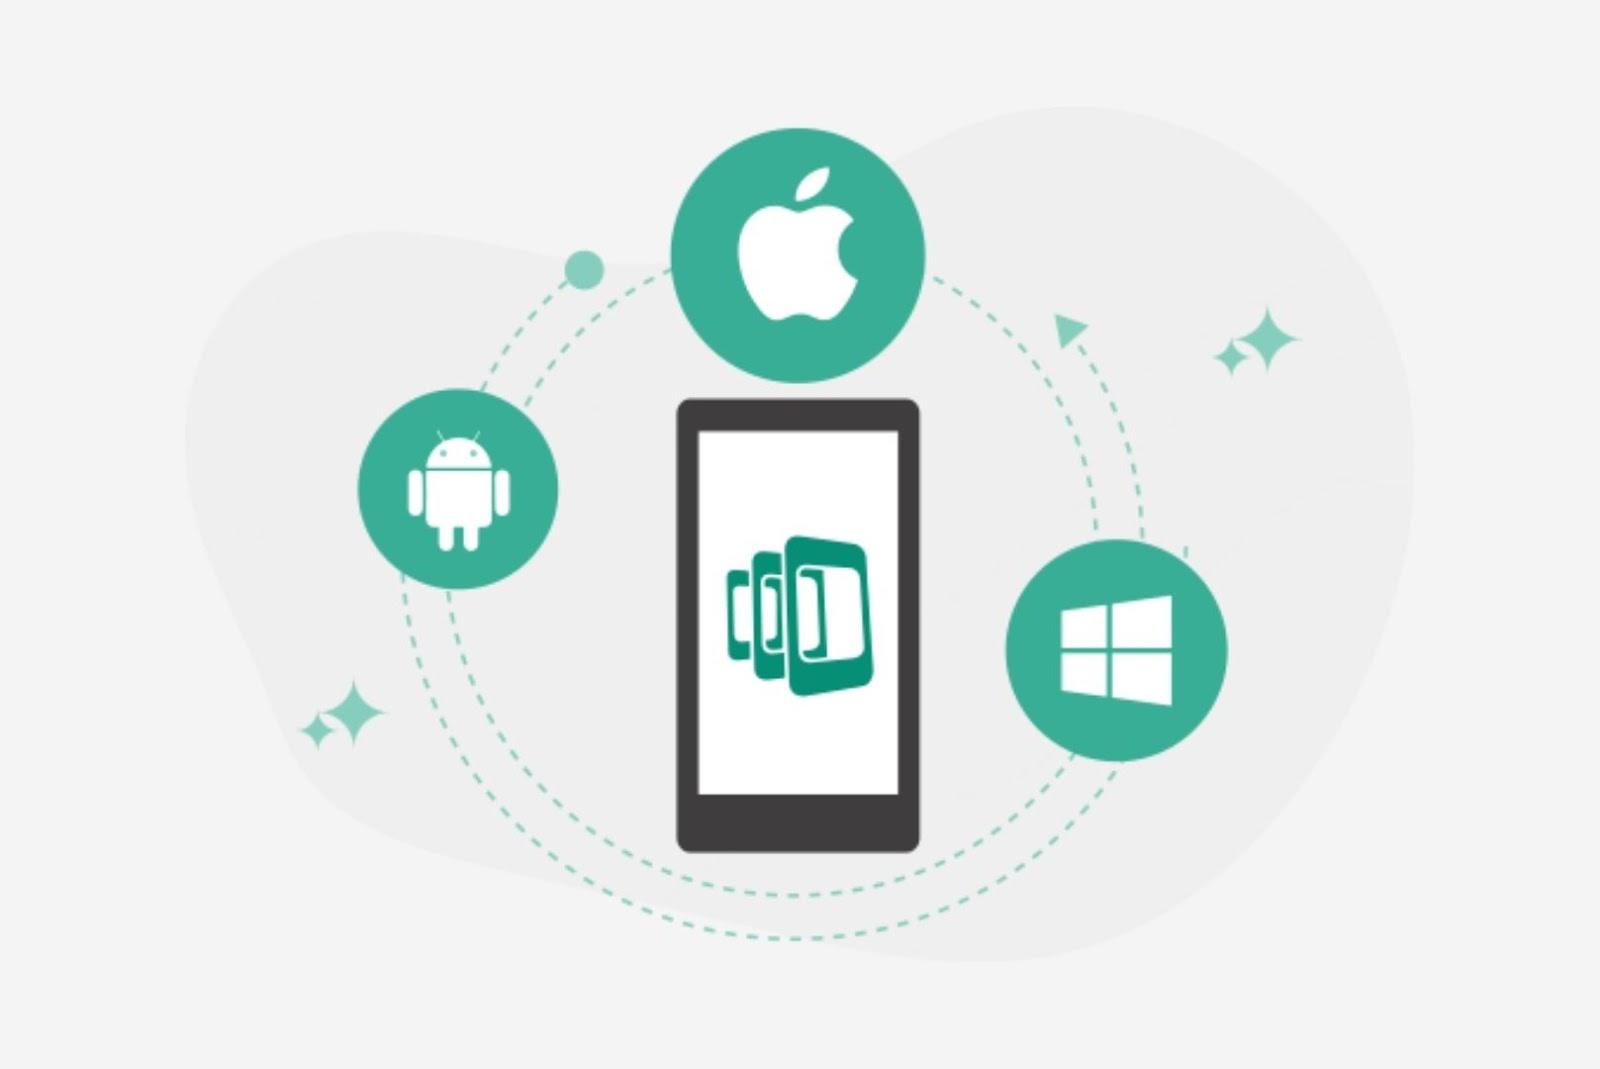 Phone gap cross-platform app frameworks